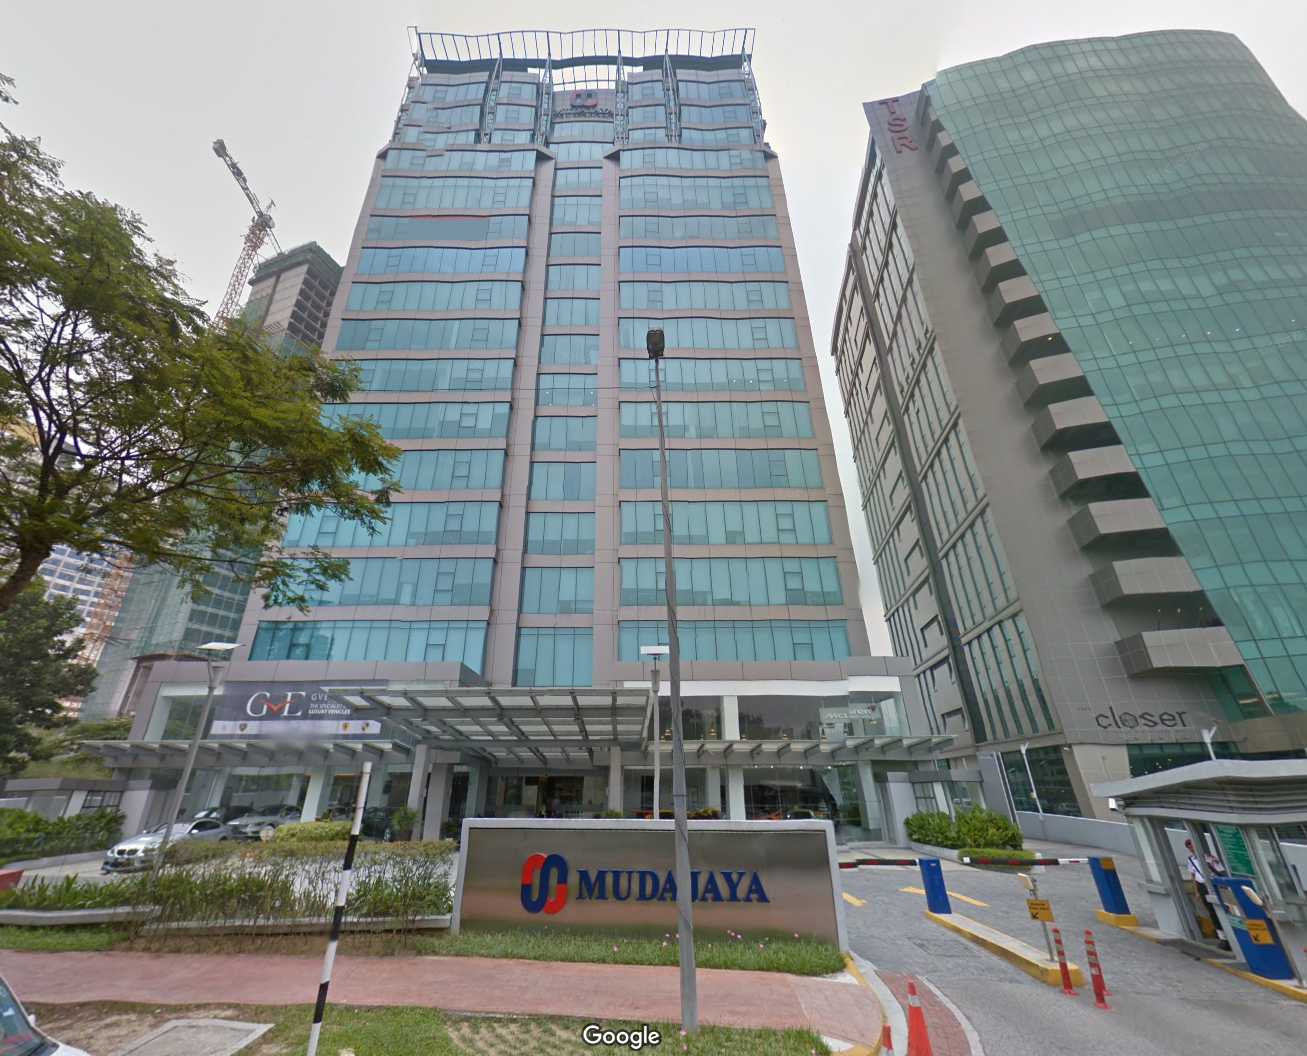 Menara Mudajaya offers Office Space for Rent in Mutiara Damansara. Contact Jerome at +6019-288-0689